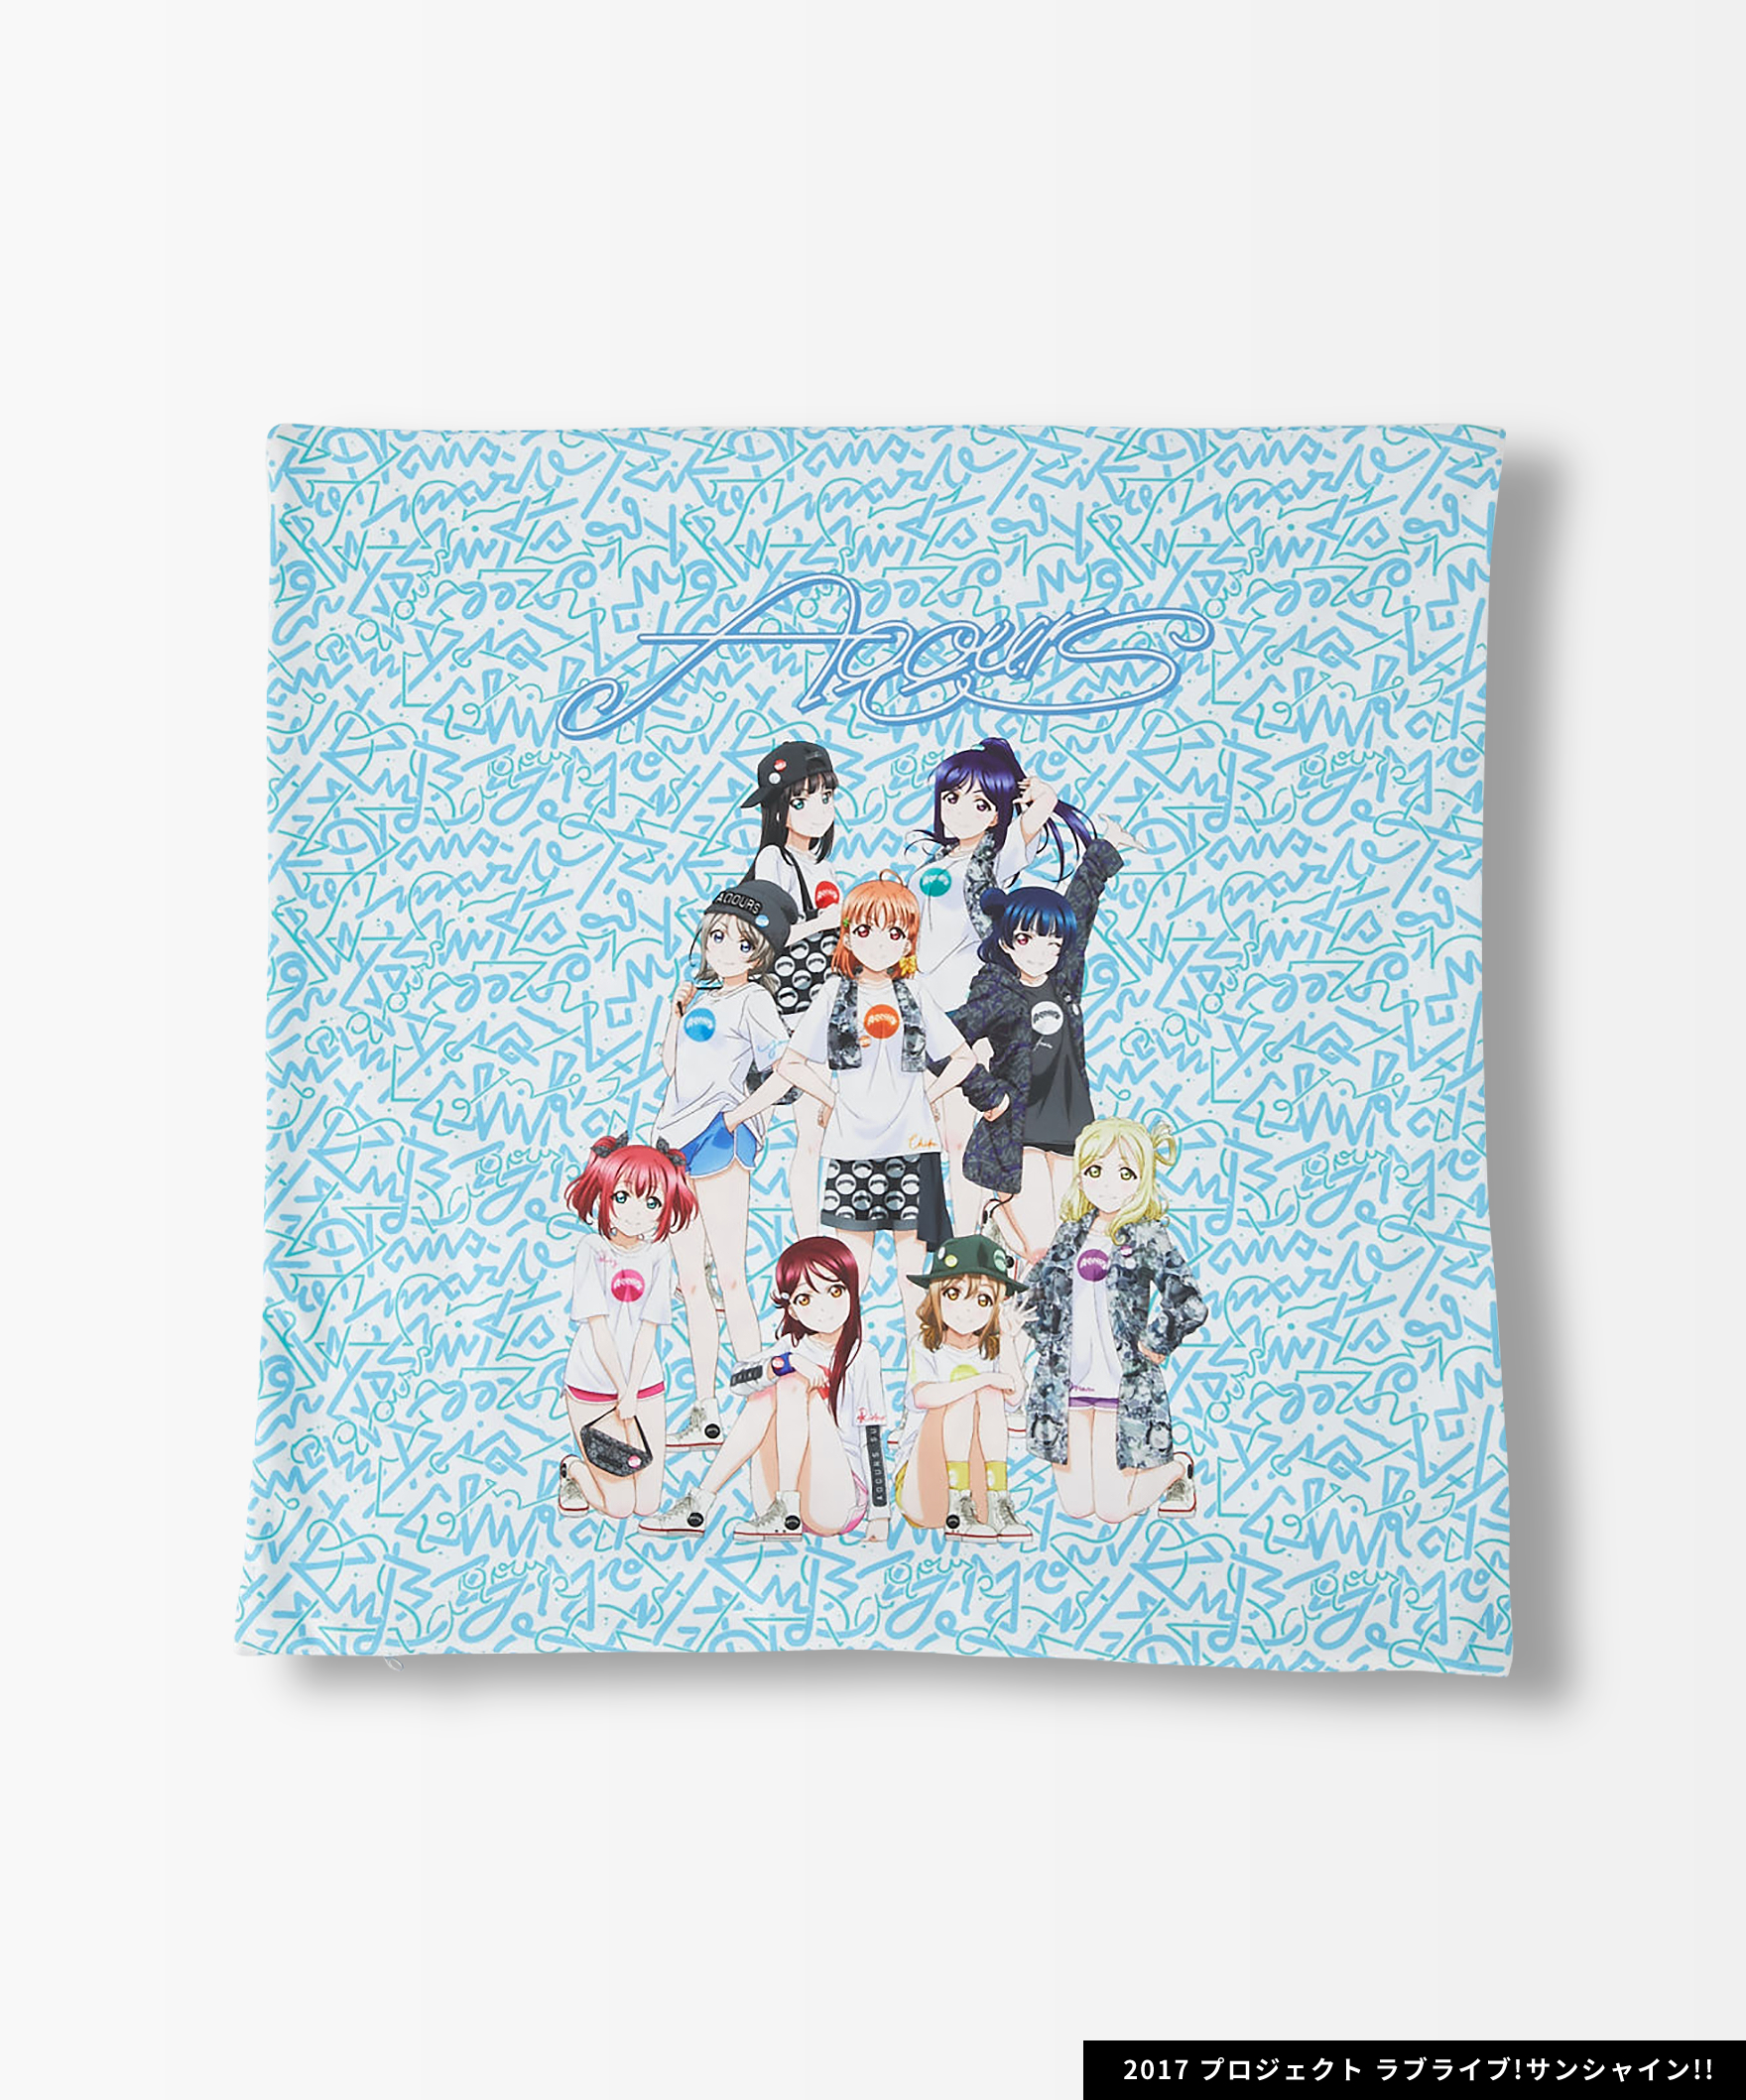 Aqours×R4G Cushion Cover